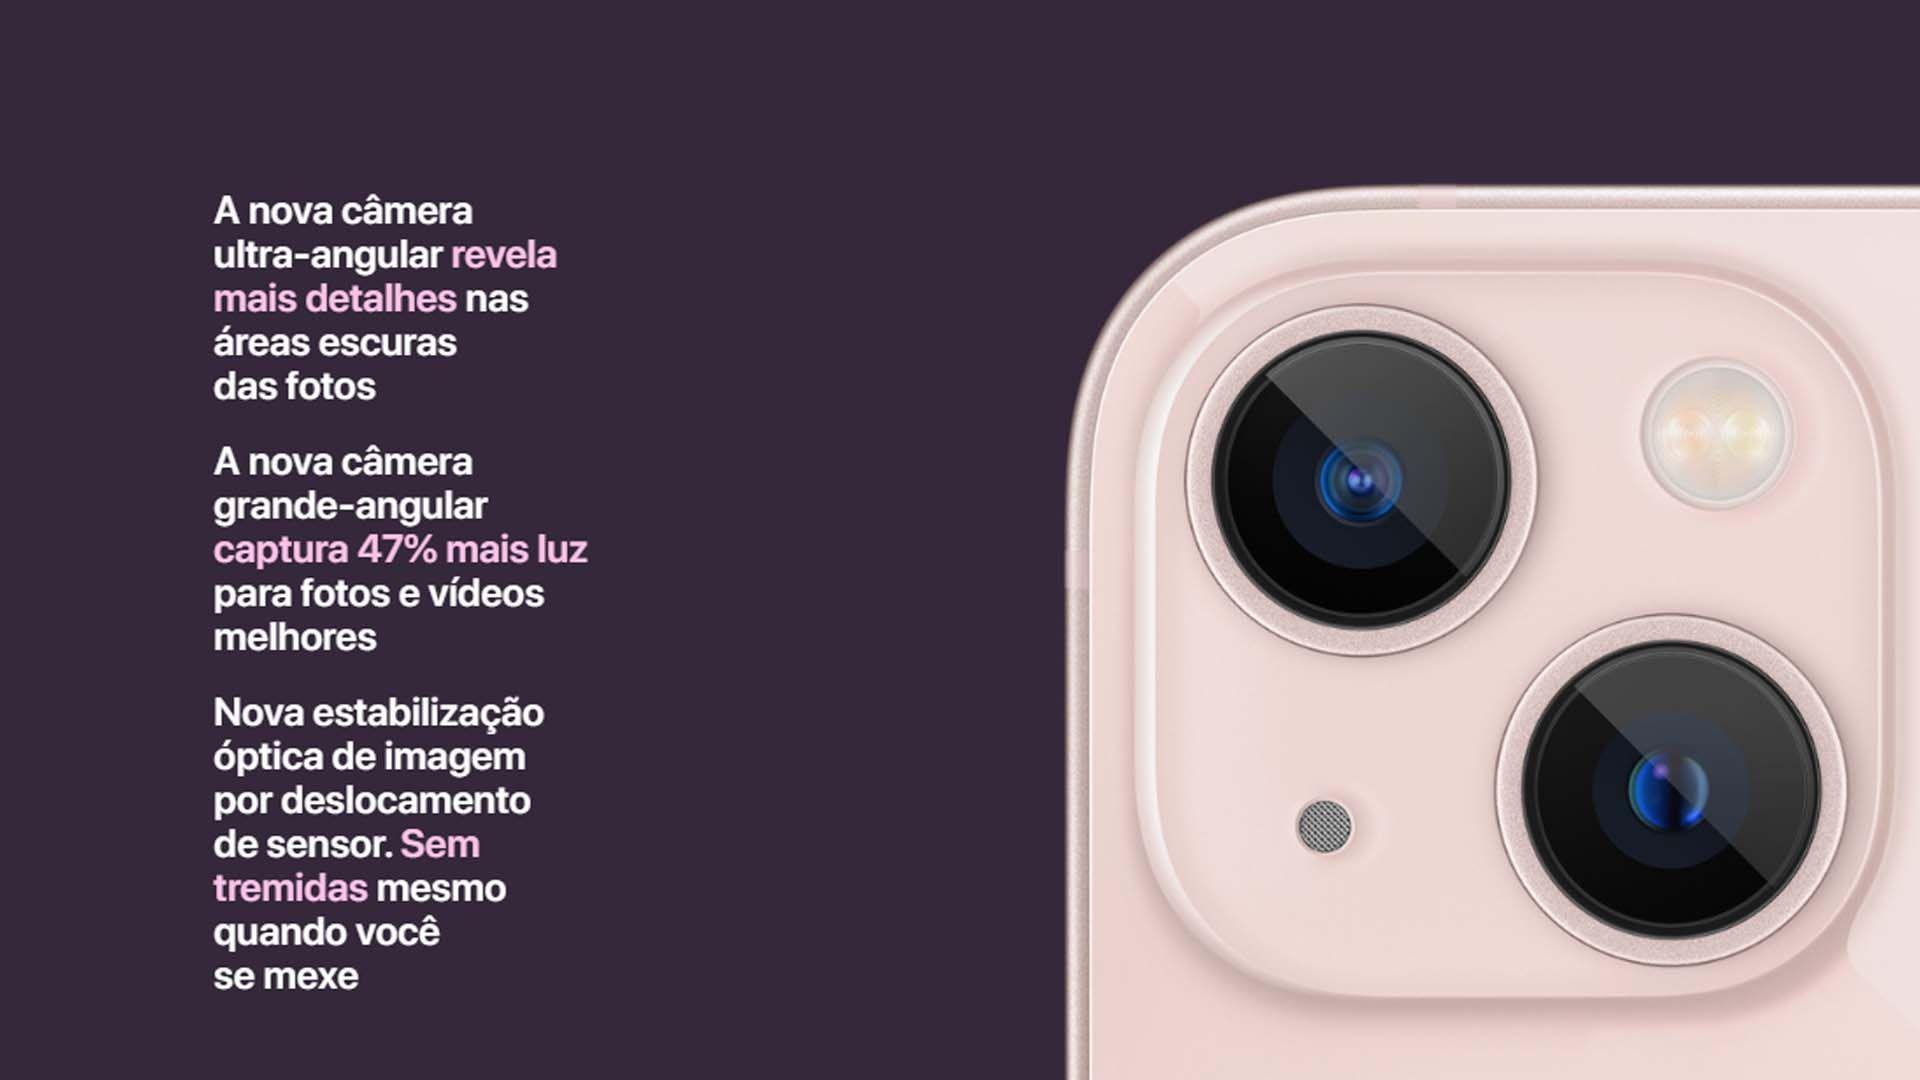 Imagem das duas câmeras do iPhone 13